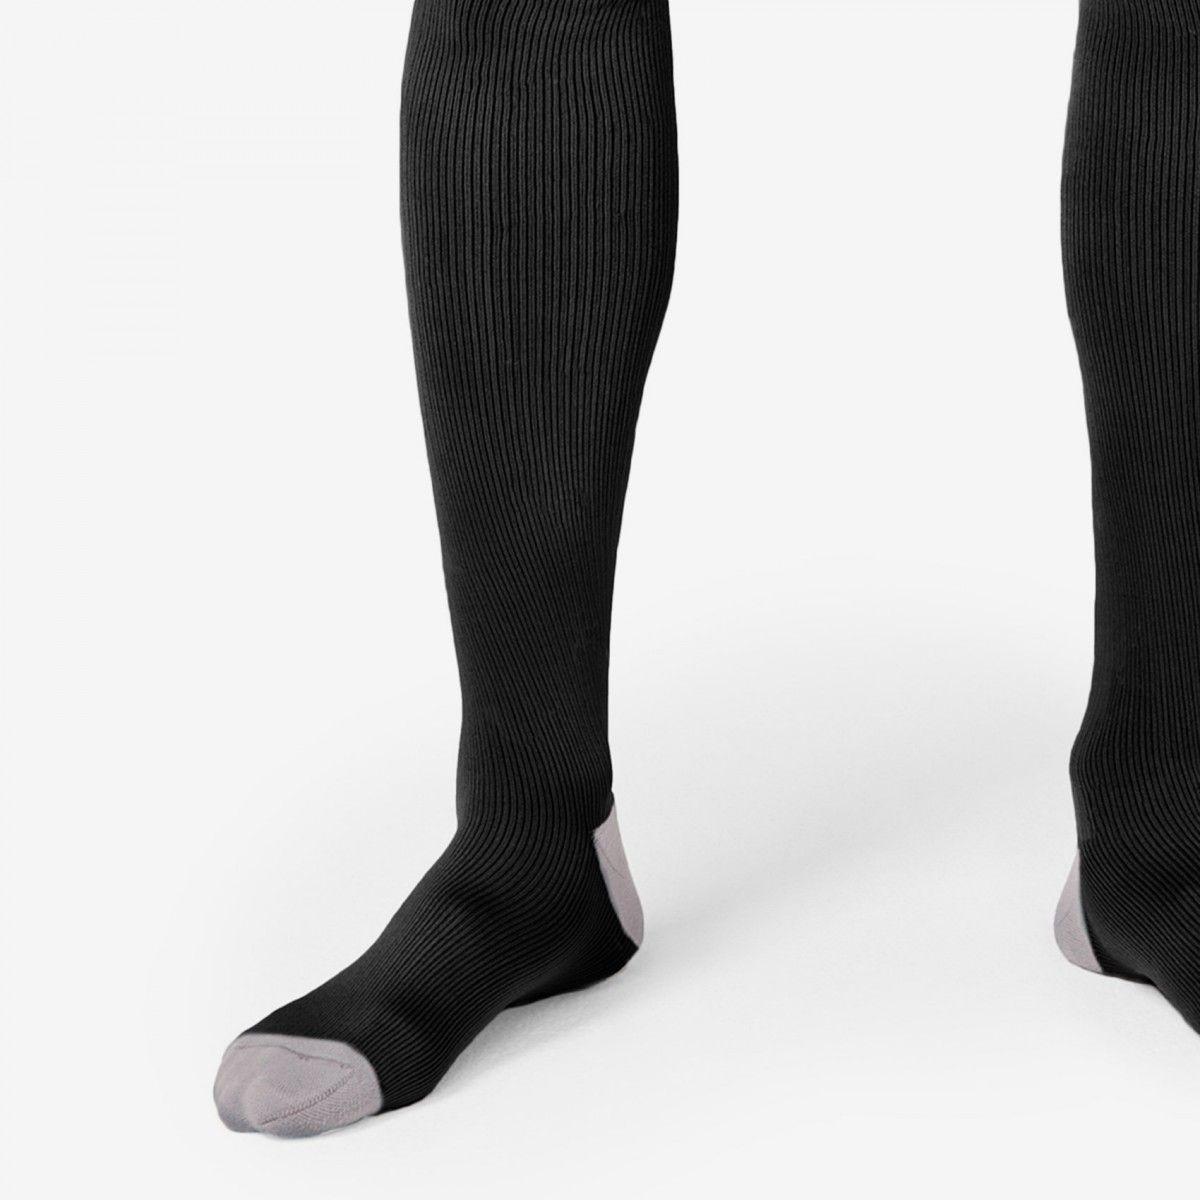 men's Compression Socks black logo XL / Black Socks